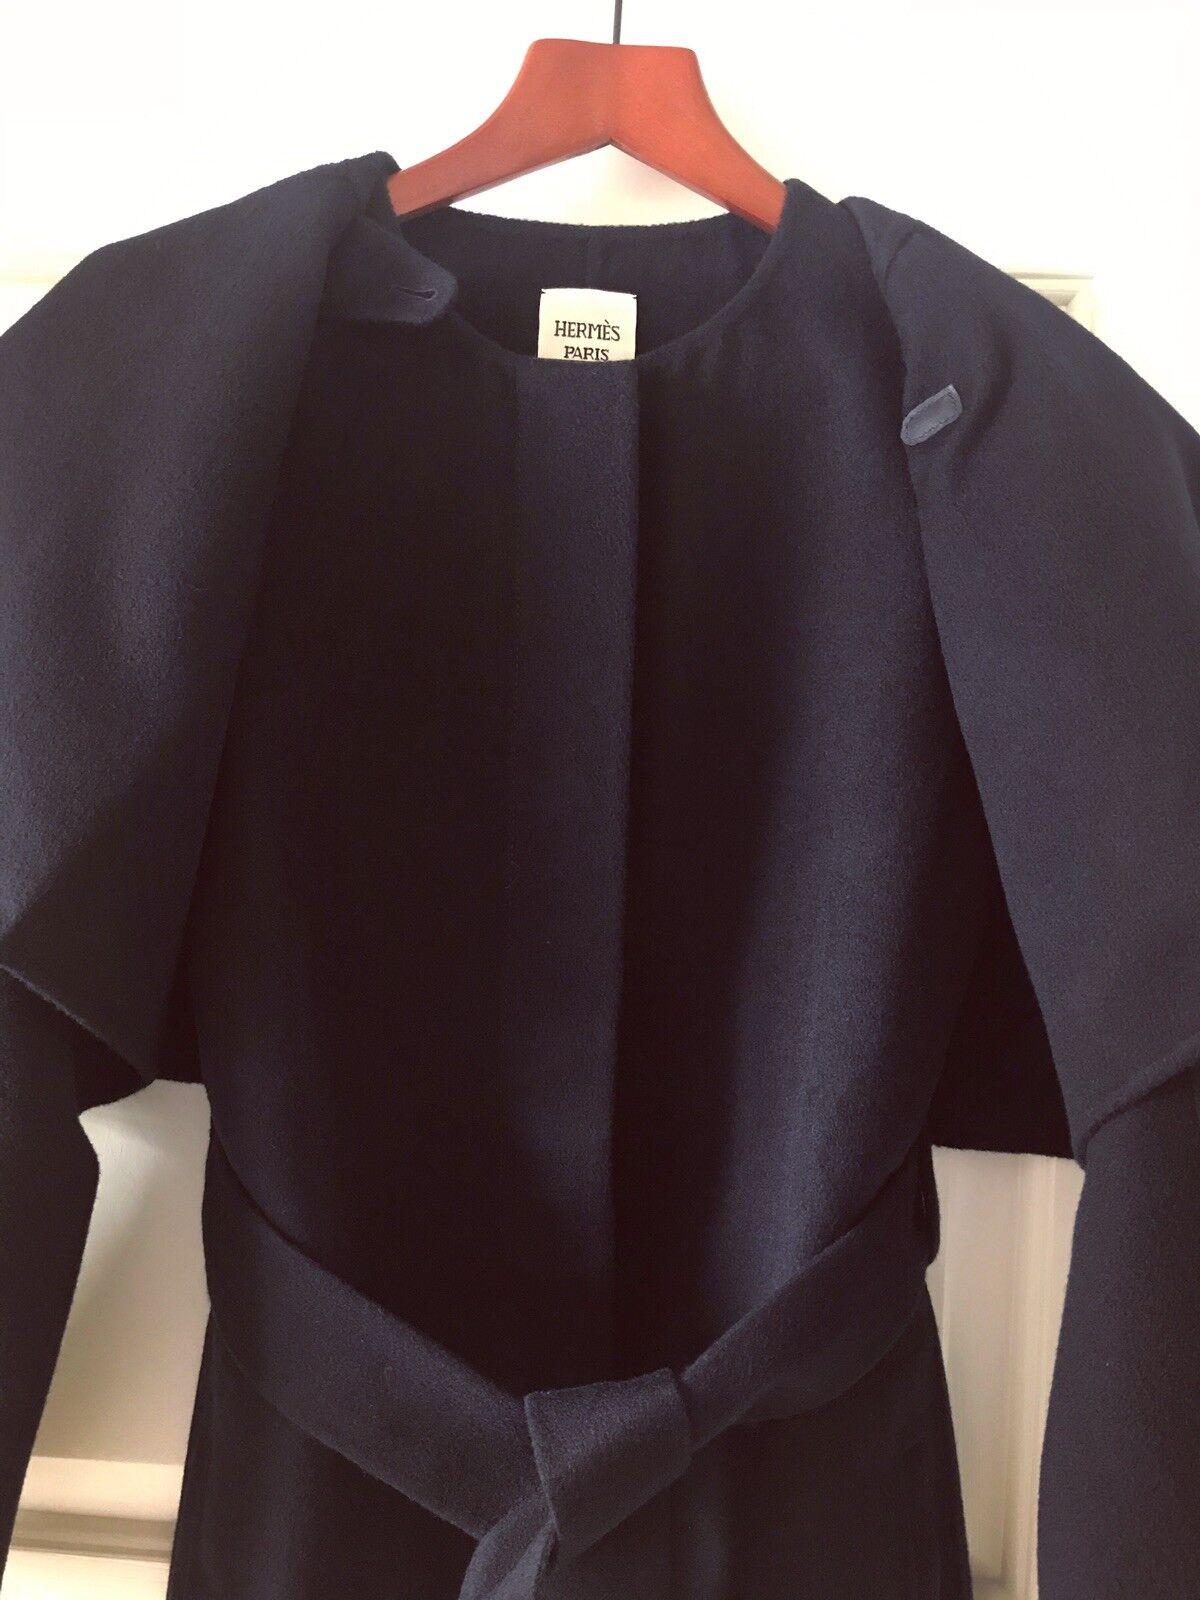 Authentic Authentic Authentic Hermes Double Face Cashmere Two-piece Navy bluee Coat Sz 36 2a901b